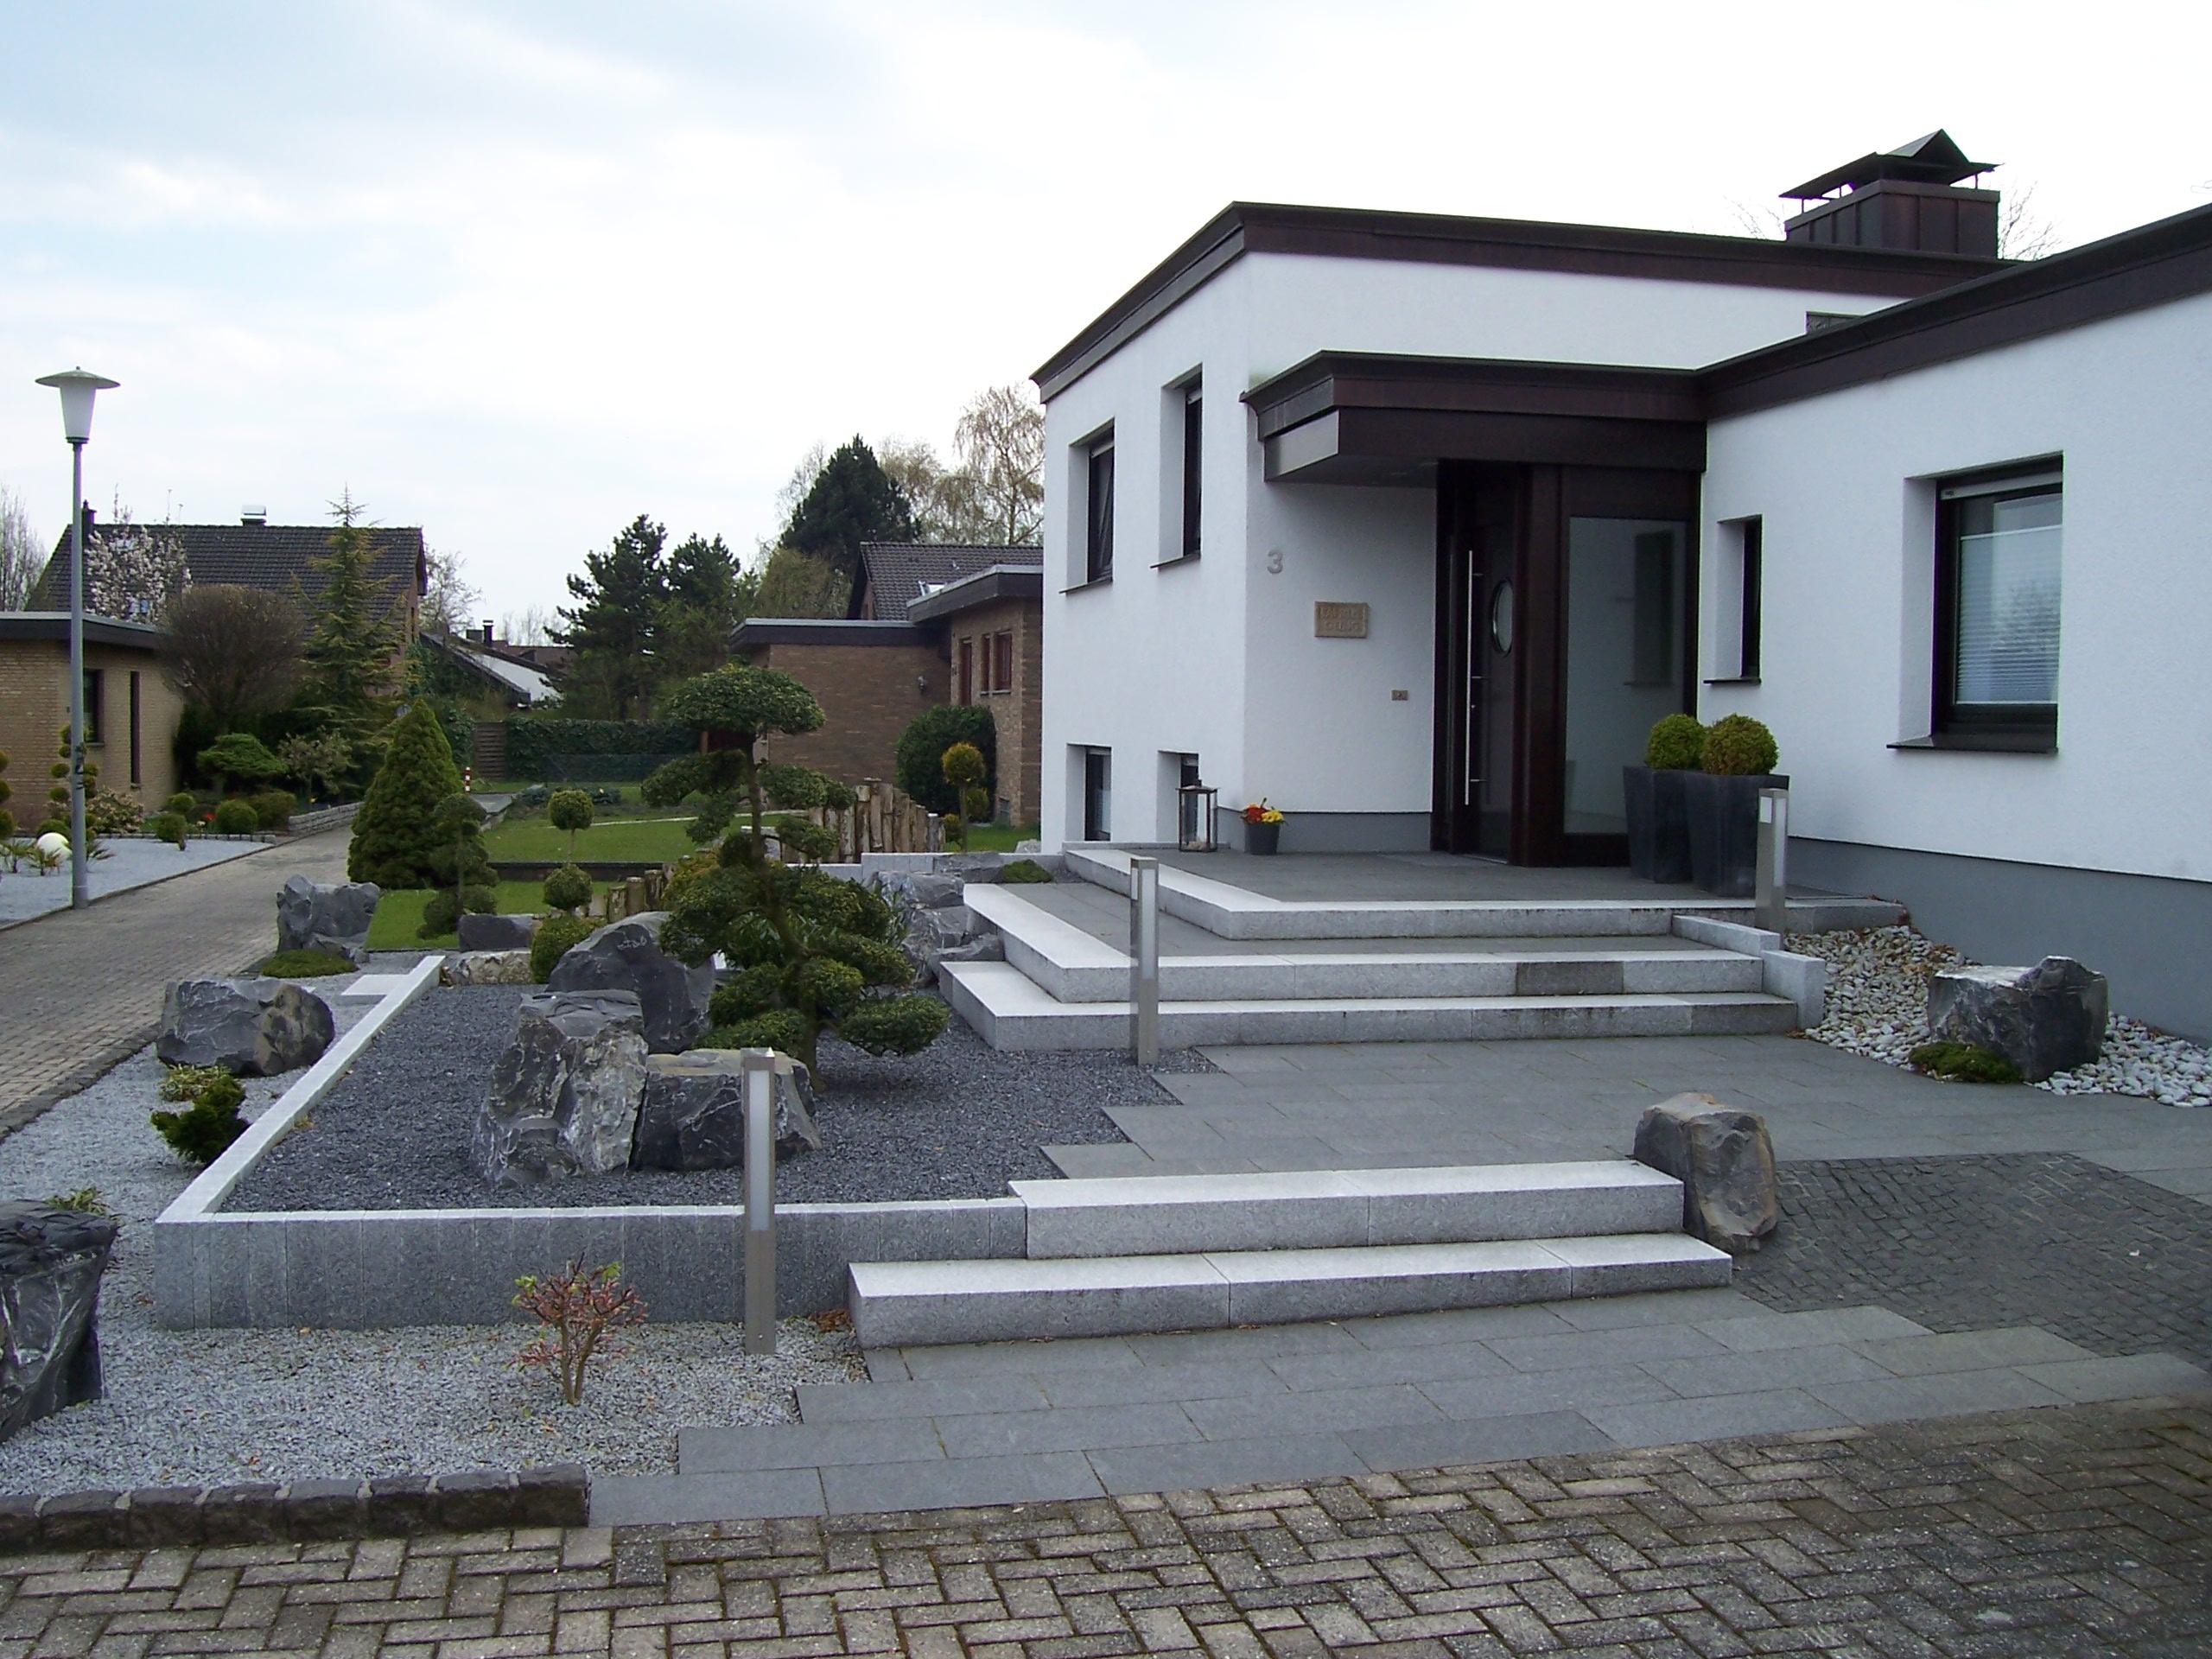 Bildergalerie handwerkerkreis steinfurt for Modernes haus vorgarten